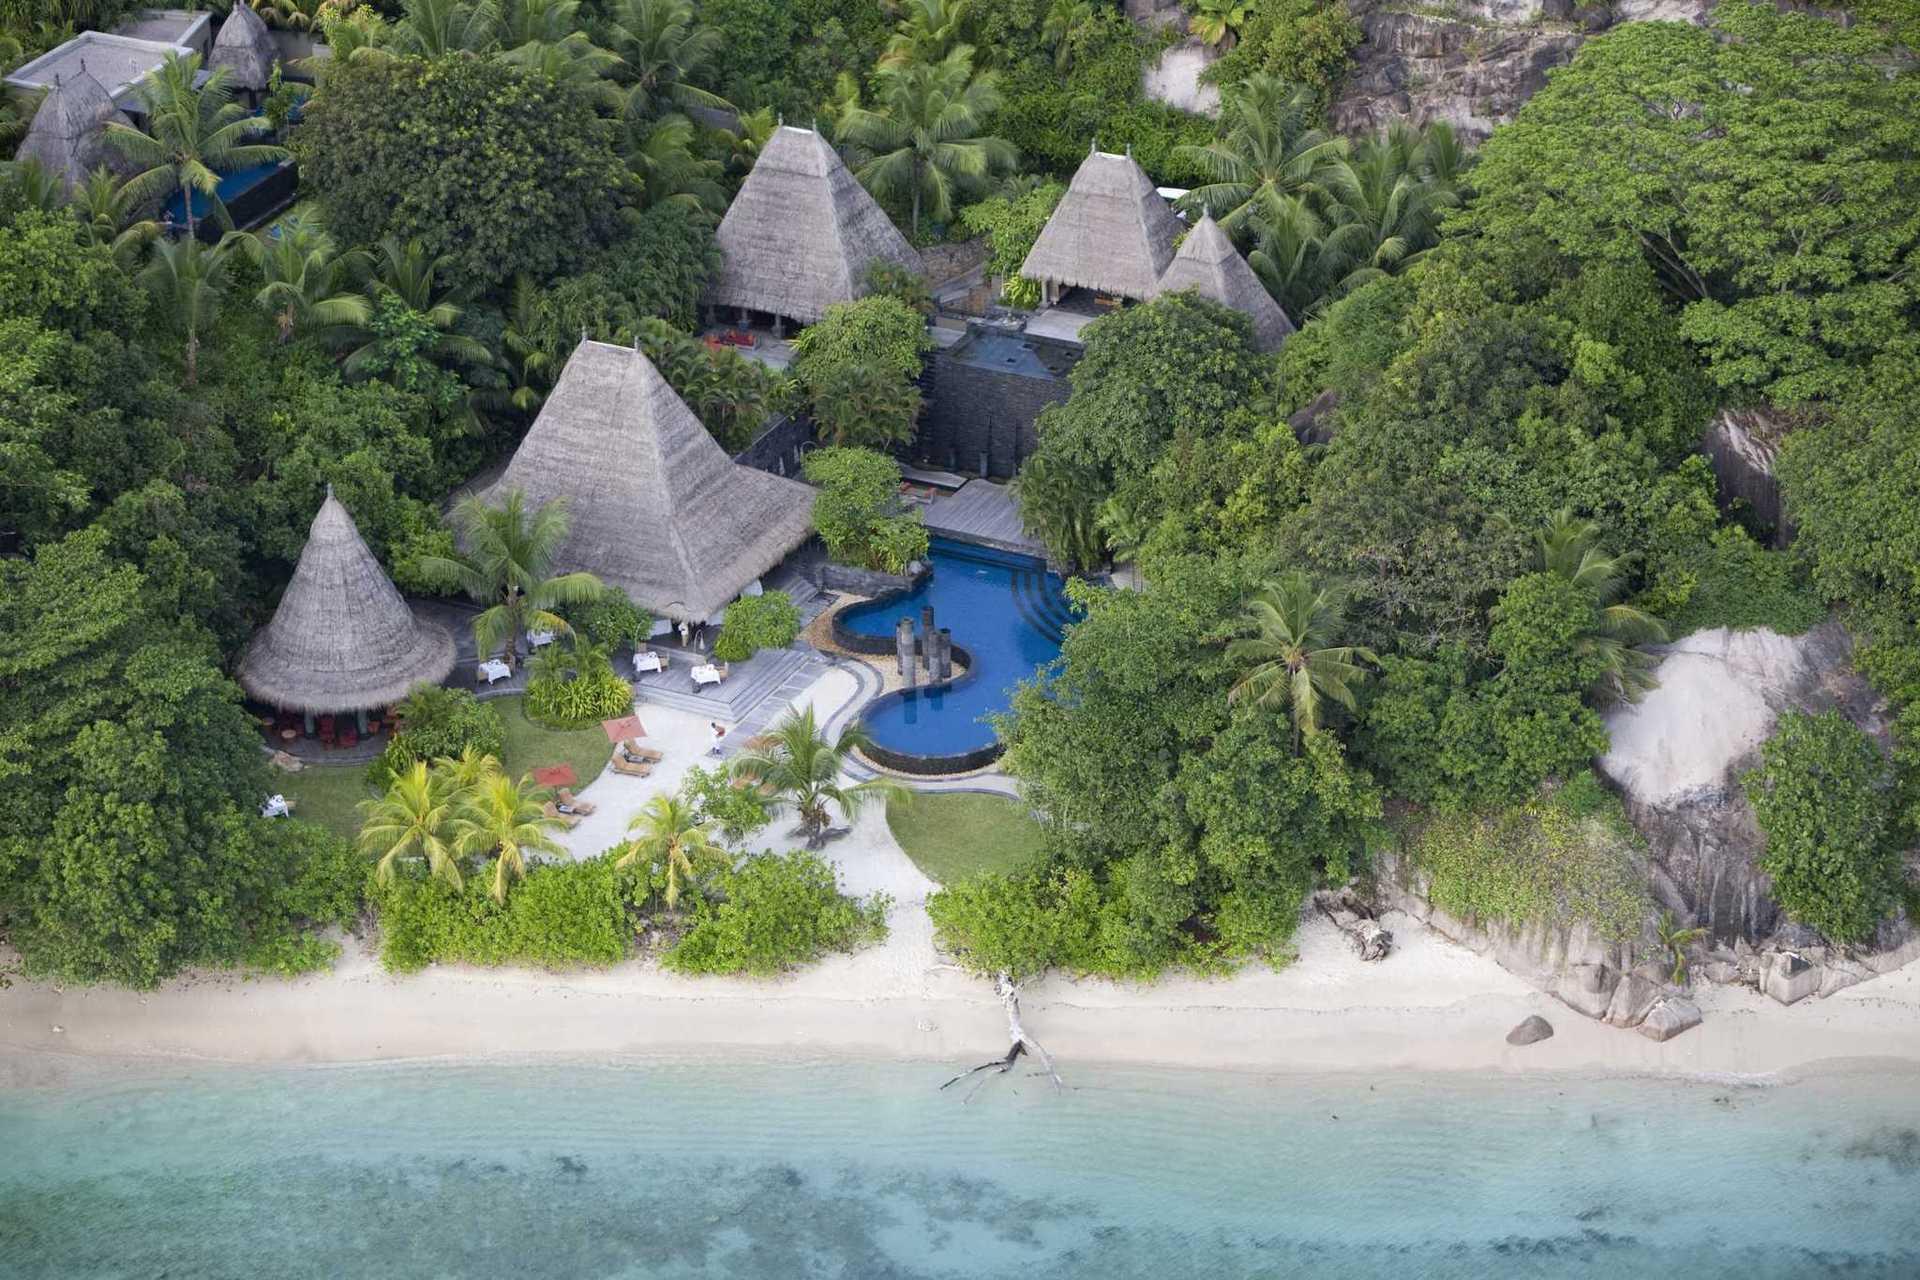 Готель являє собою розкішний комплекс з вілл, які розкинулися на 30 акрах екзотичного саду на одному з найкрасивіших Сейшельських островів.